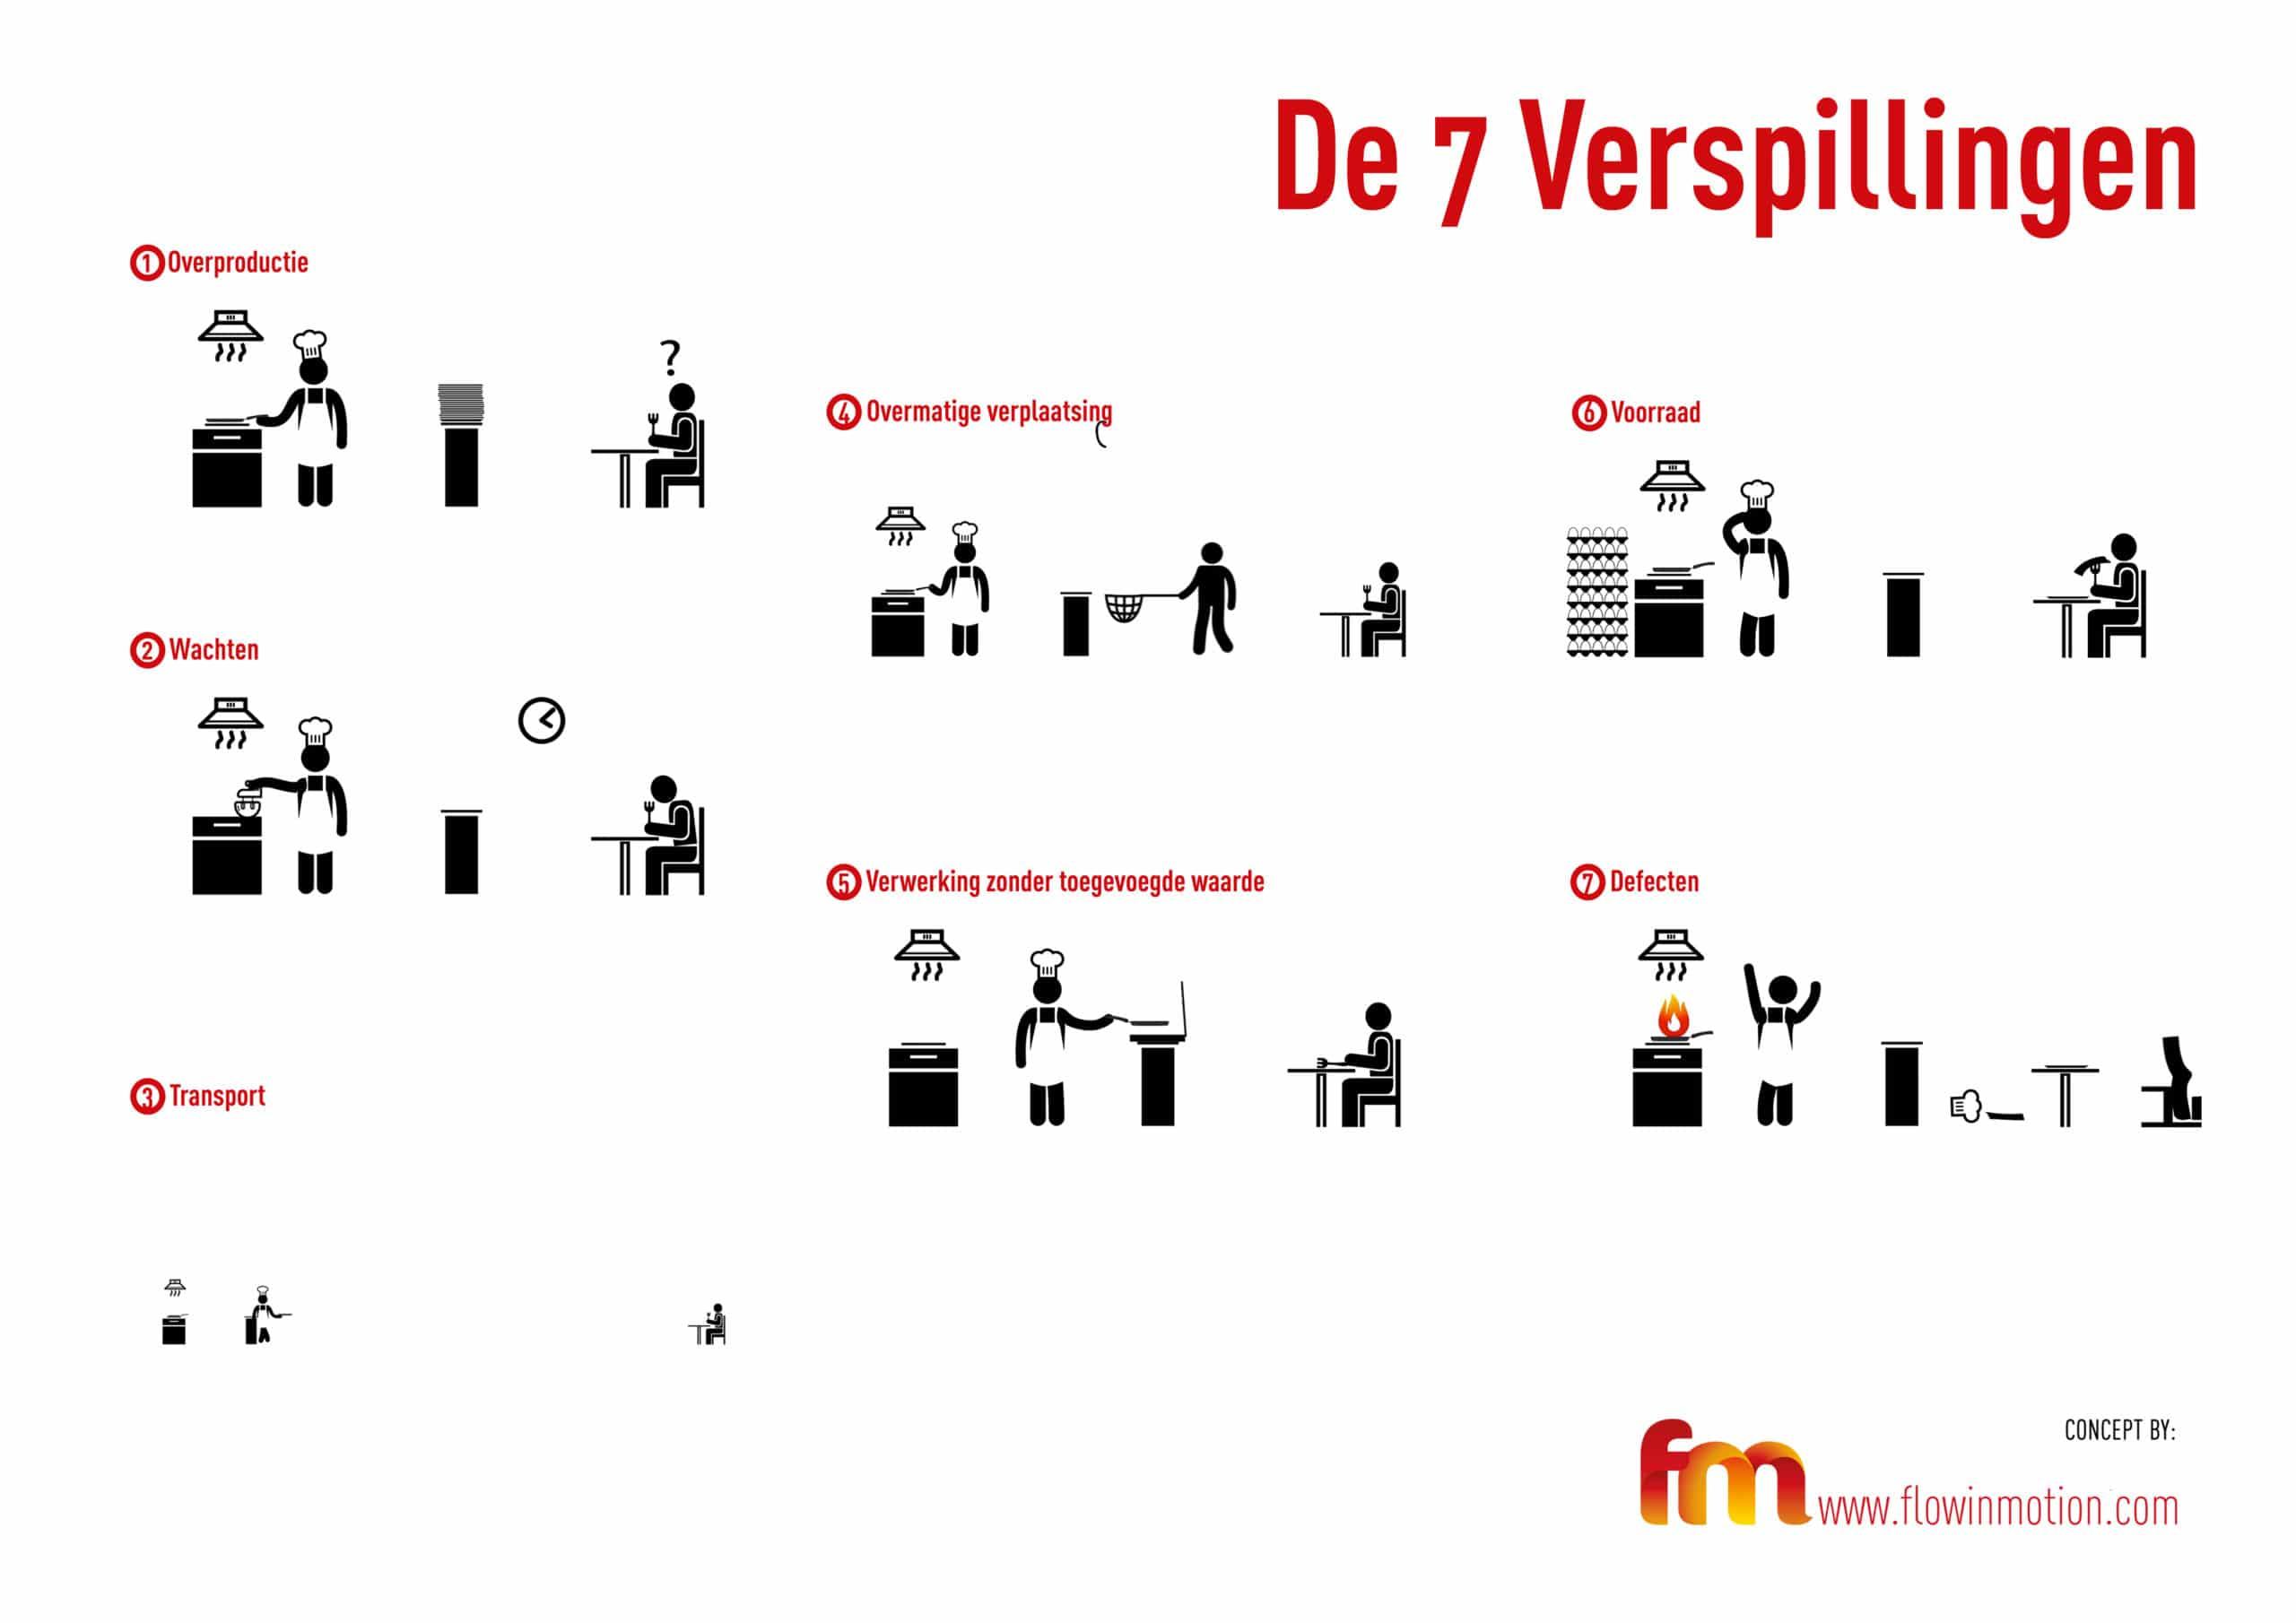 7 Verspillingen plaatje / 7 Verspillingen Infographic / 7 Wastes picture